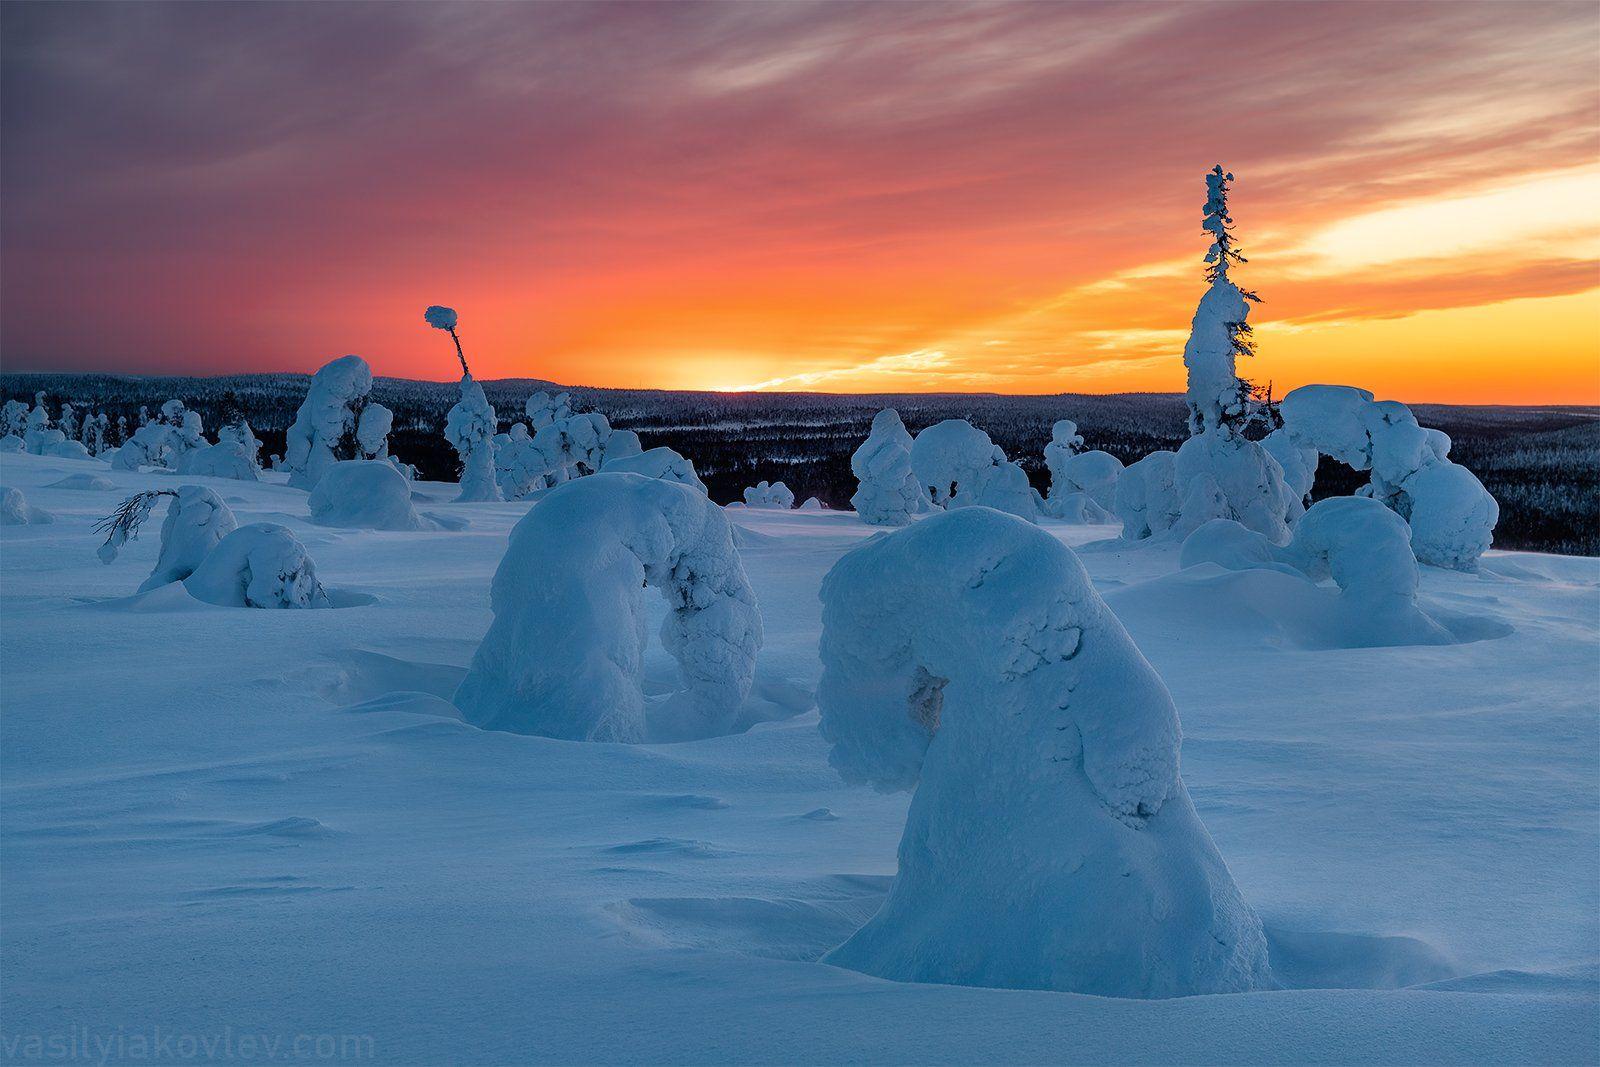 финляндия, лапландия, зима, Василий Яковлев